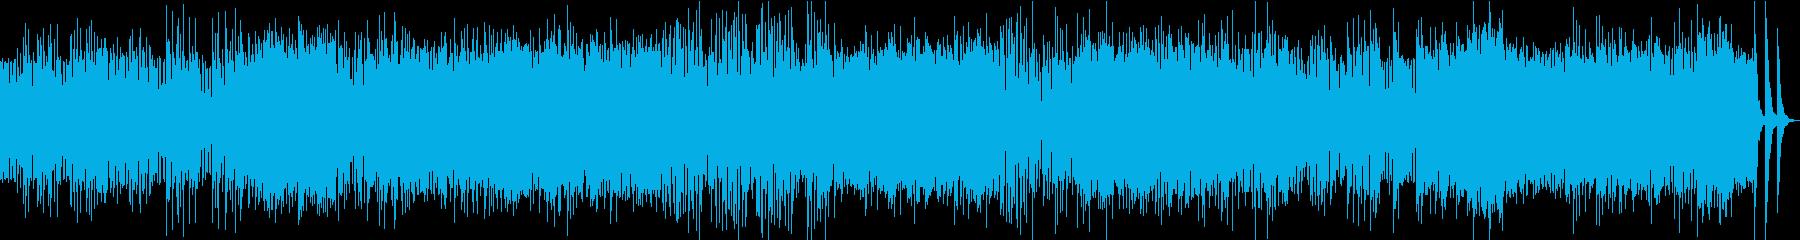 パスピエ - ドビュッシー・ソフトピアノの再生済みの波形